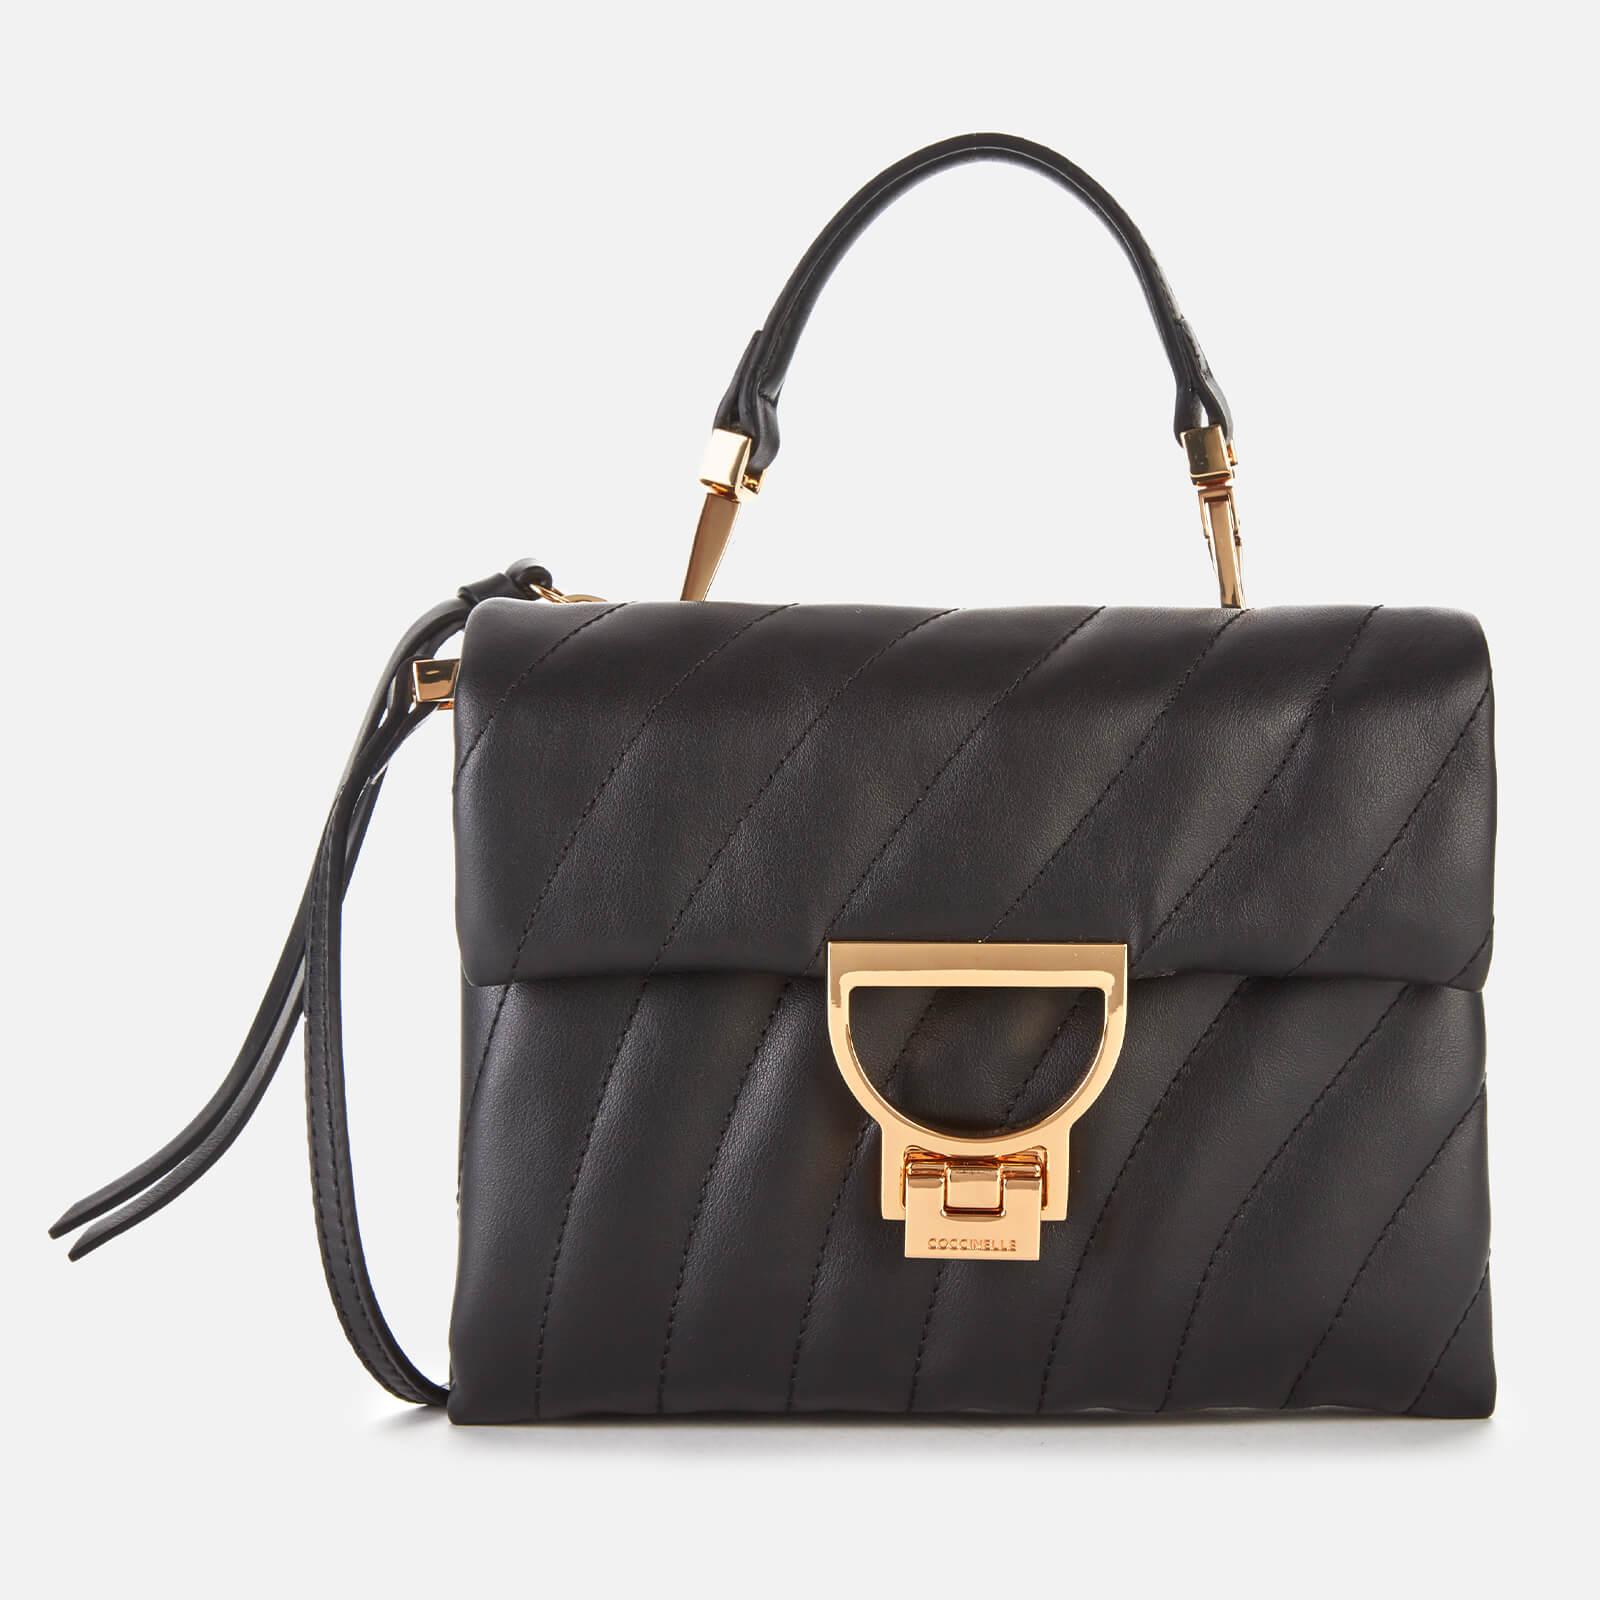 Coccinelle Women's Arlettis Matelasse Cross Body Bag - Black